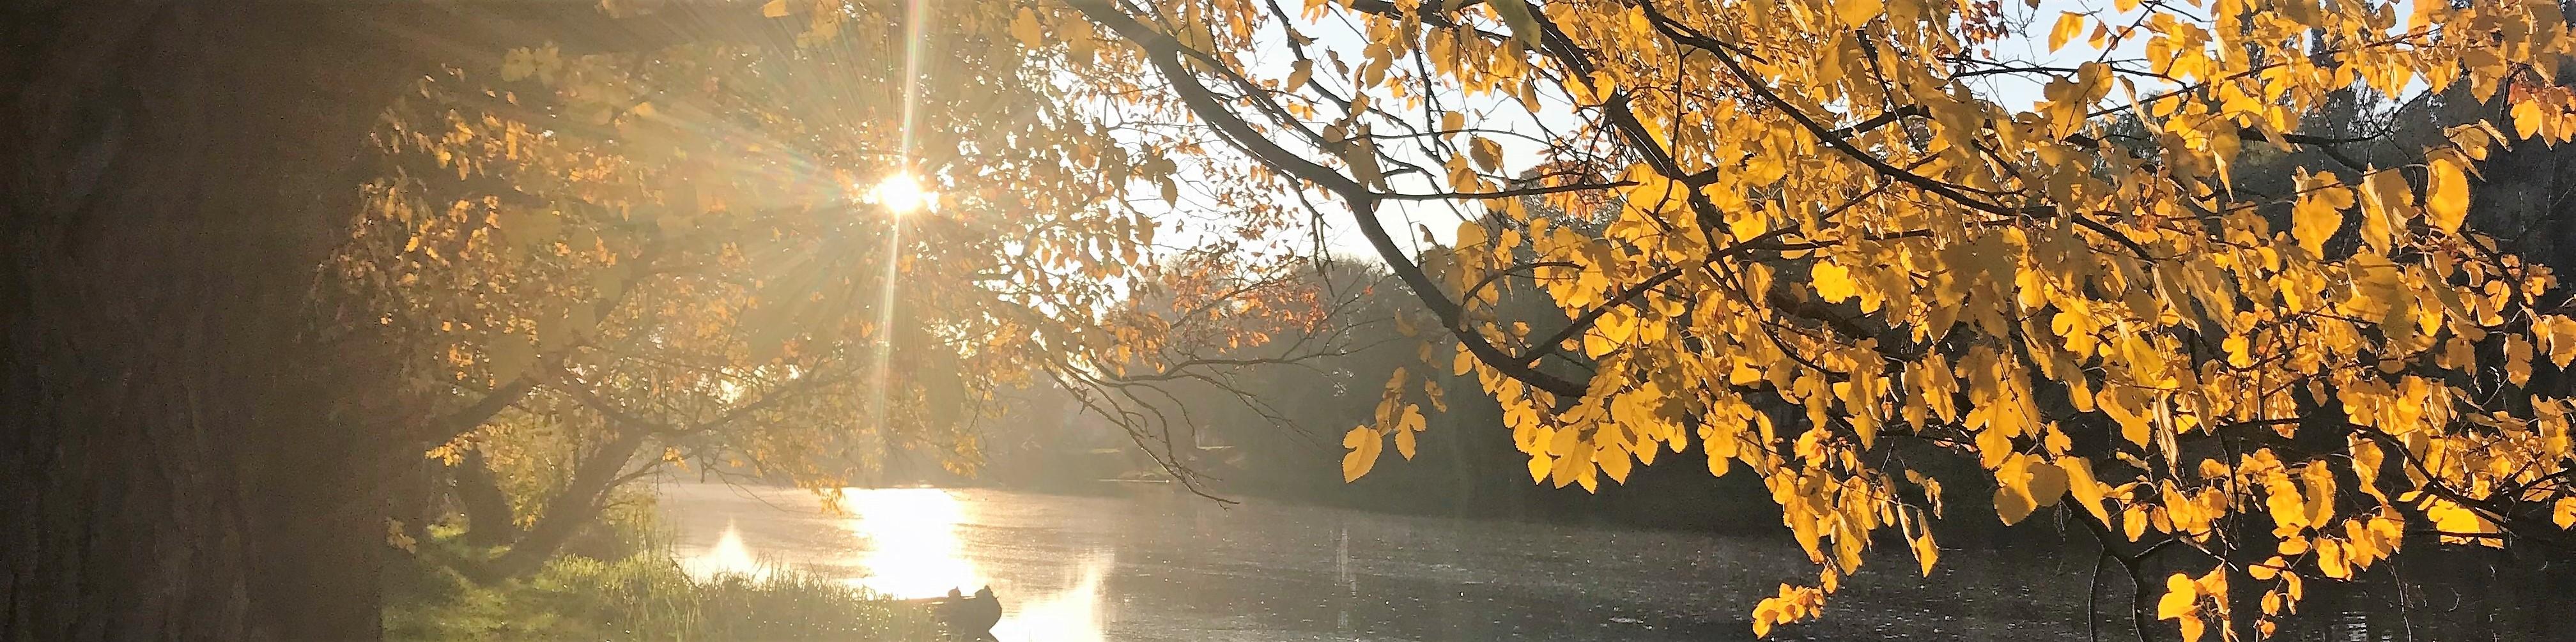 bosut jesen 1 (3)